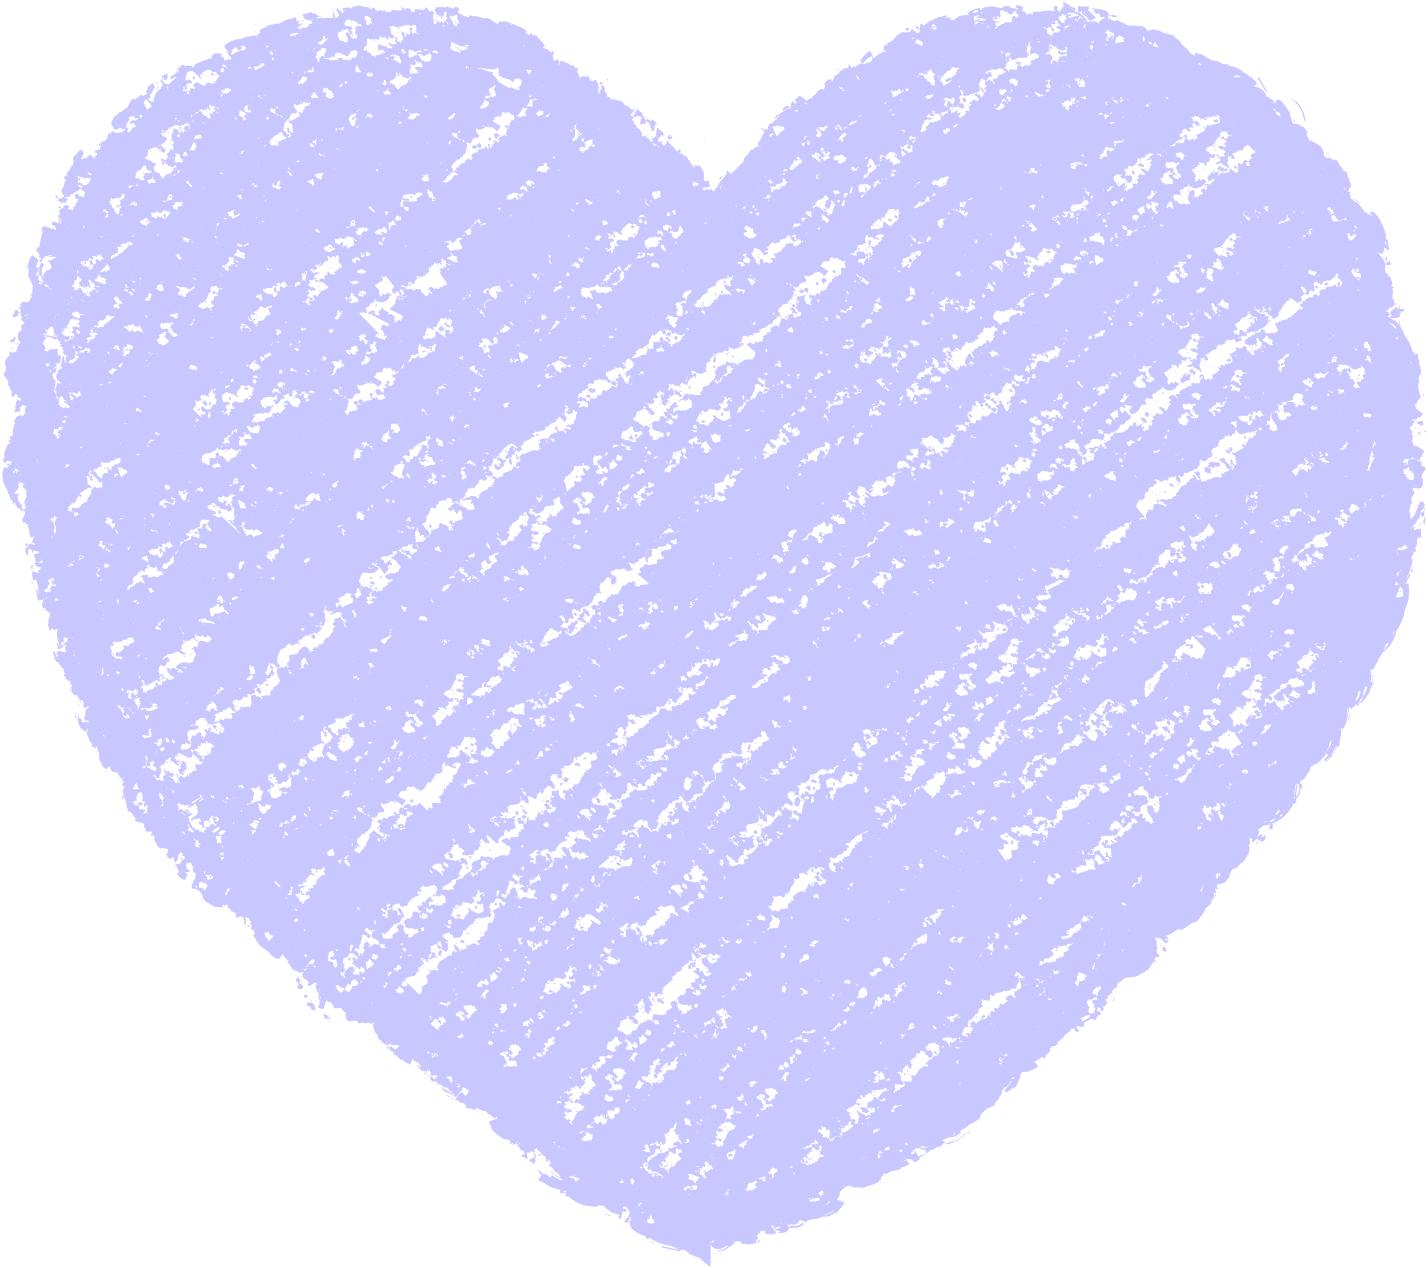 クレヨン塗り背景 パステル 紺色 新(ネイビー)ハートのイラスト heart_navy